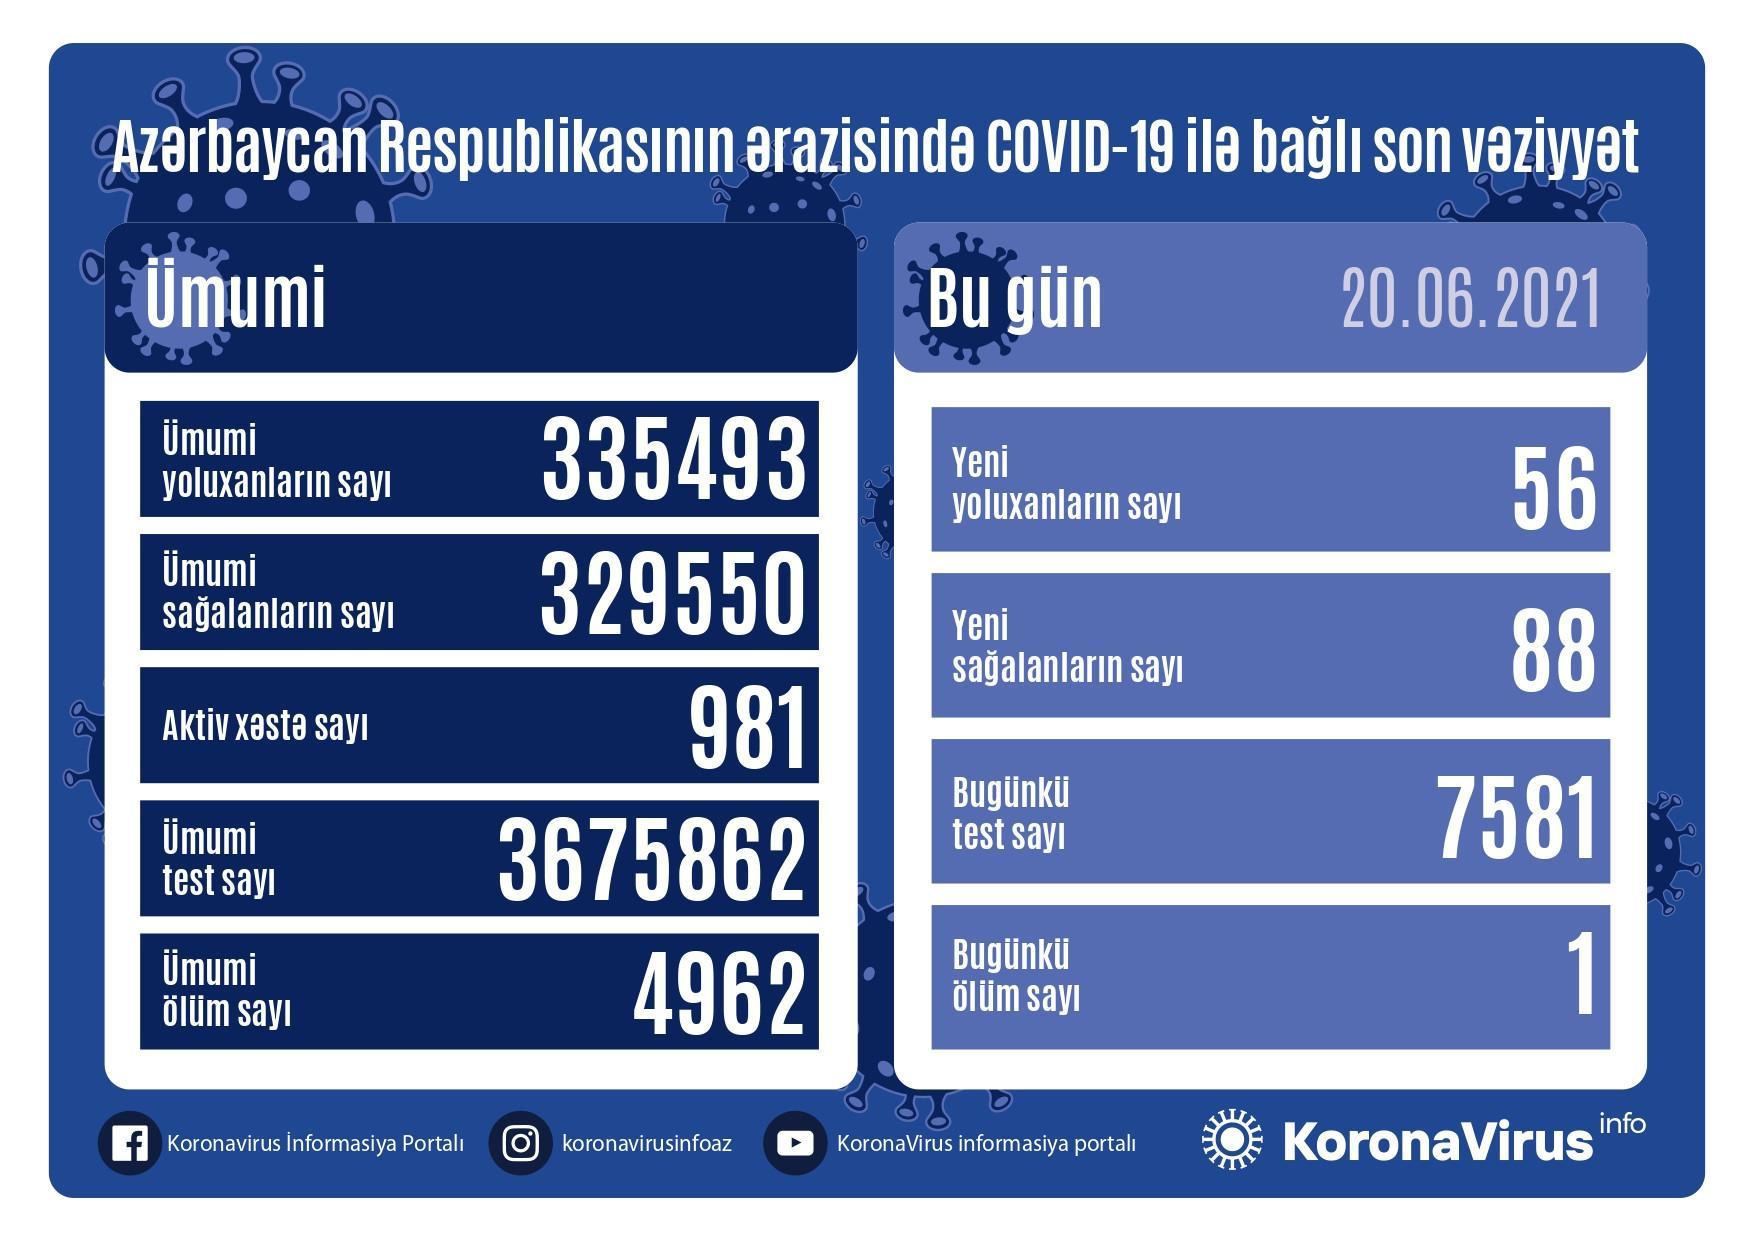 Azərbaycanda son sutkada Covid-19-a yoluxma sayı